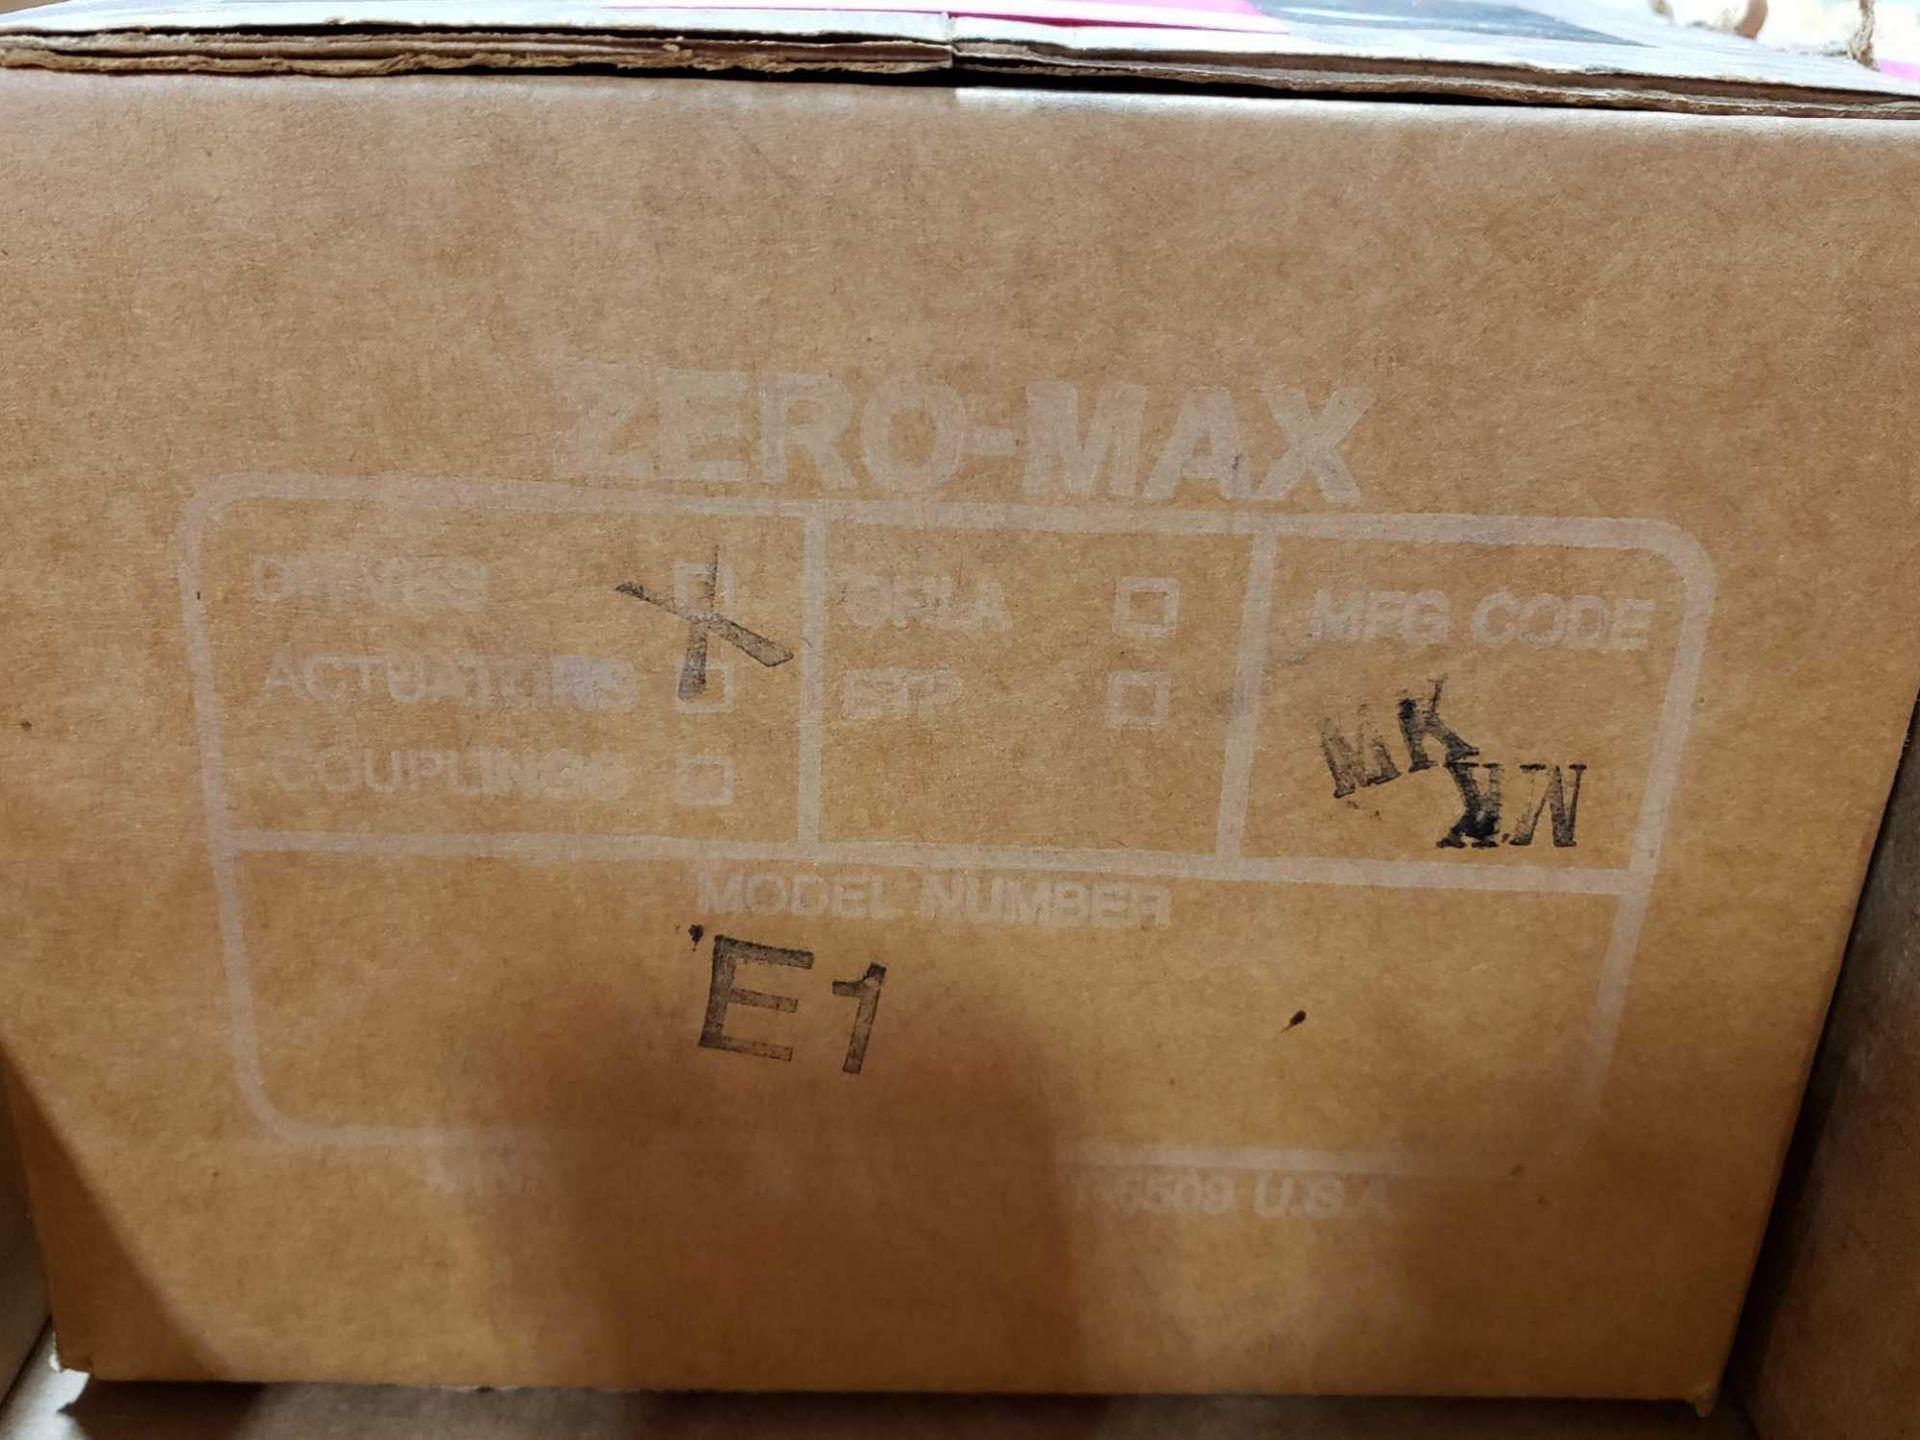 Lot 24 - Zero-max gearbox model E1. New in box.